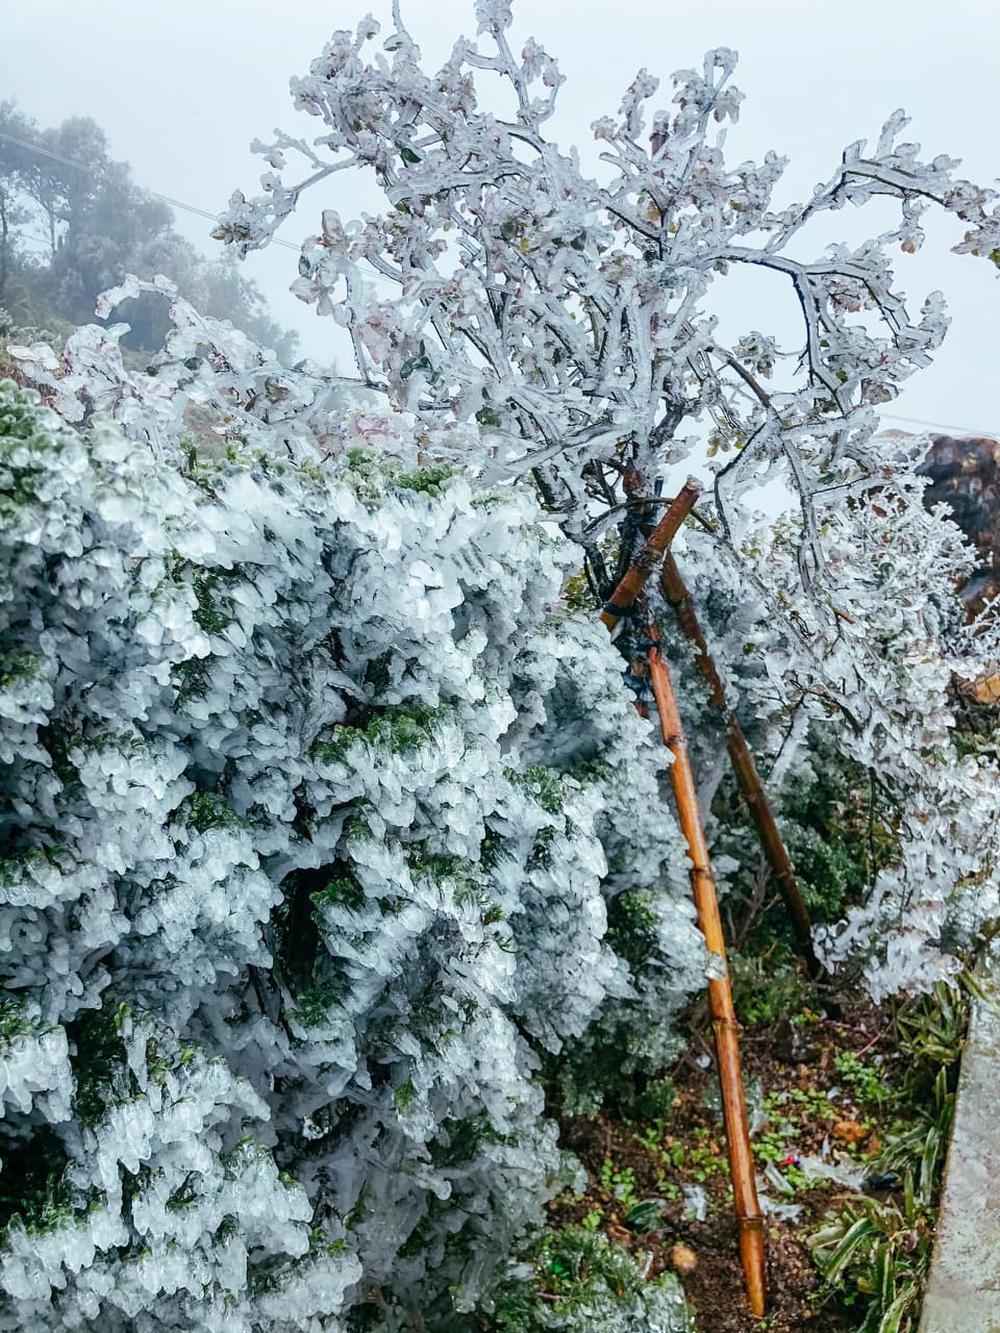 Ùn tắc đèo Ô Qúy Hồ - Sa Pa do nhiều du khách đổ lên xem băng tuyết - Ảnh 5.